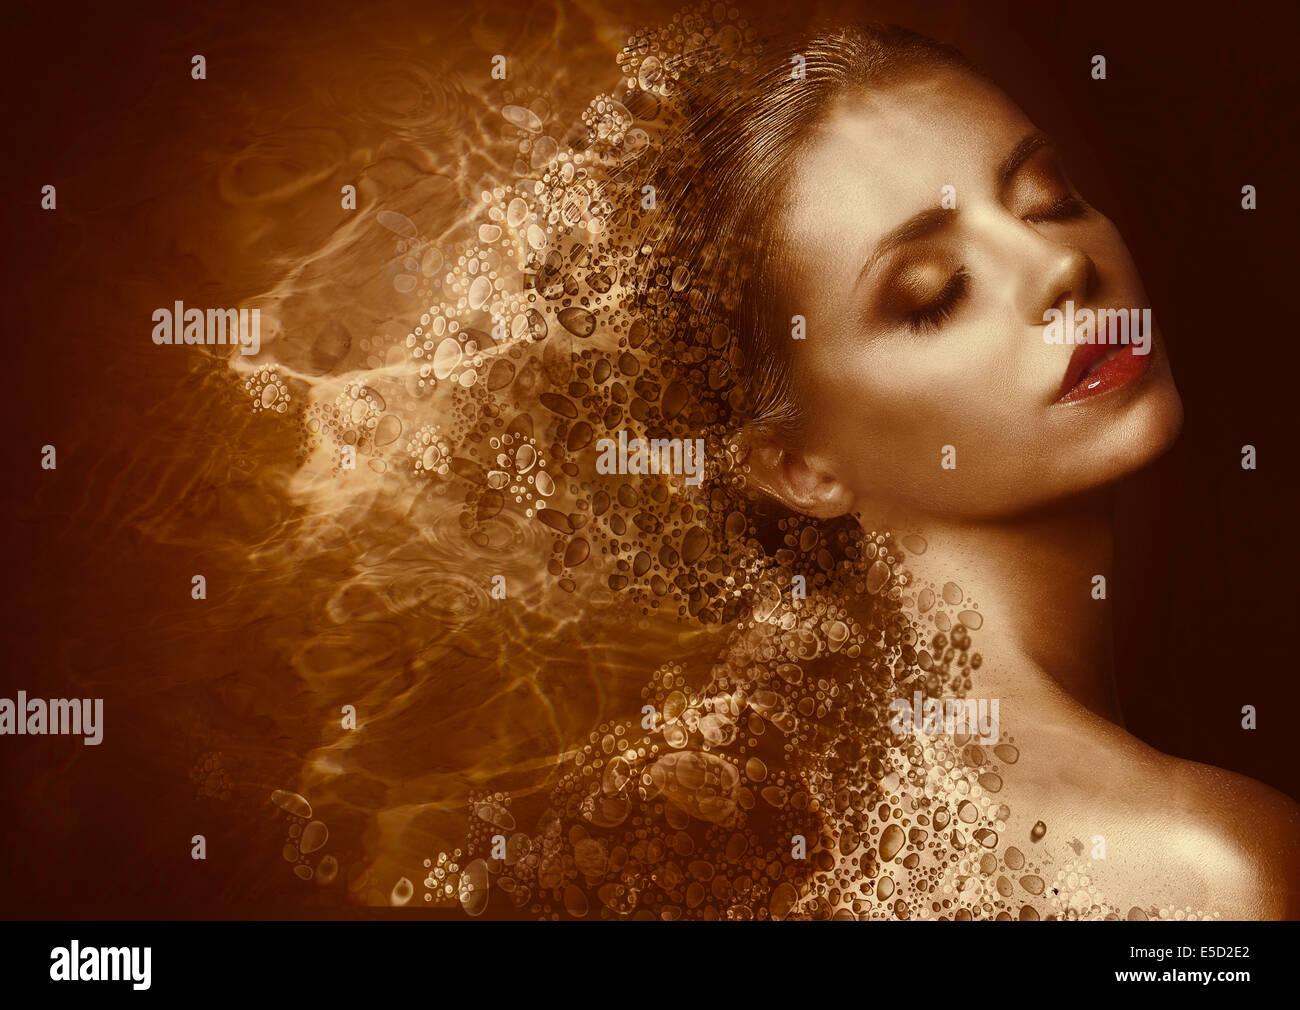 Spruzzi d'oro. Donna futuristico con bronzato pelle verniciata. Fantasy Immagini Stock